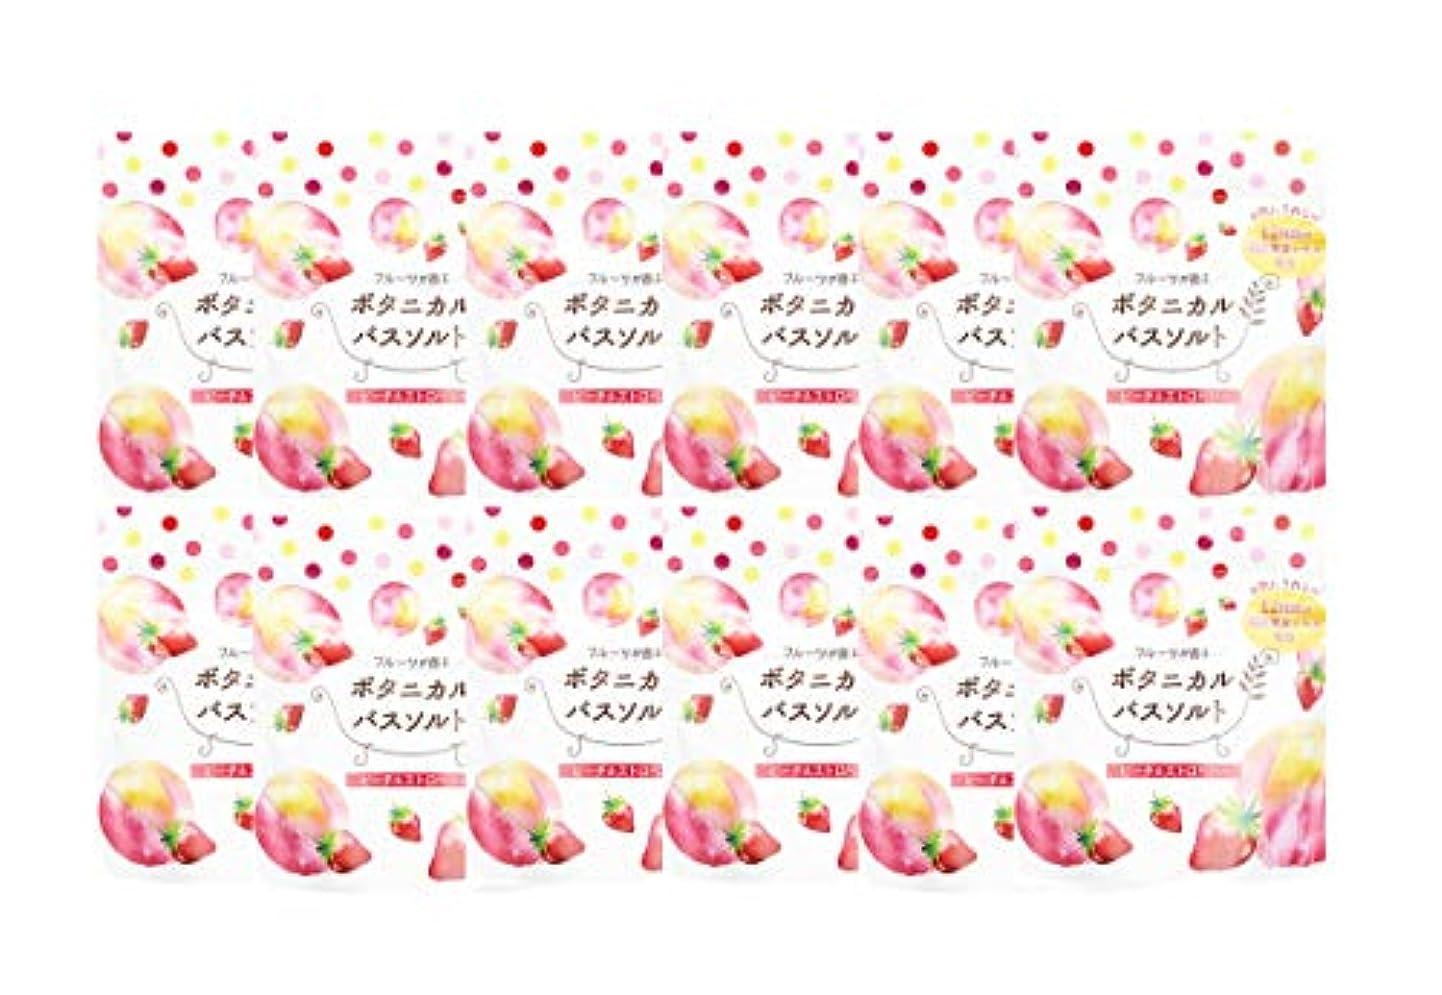 インド勝者クスクス松田医薬品 フルーツが香るボタニカルバスソルト ピーチ&ストロベリー 30g 12個セット